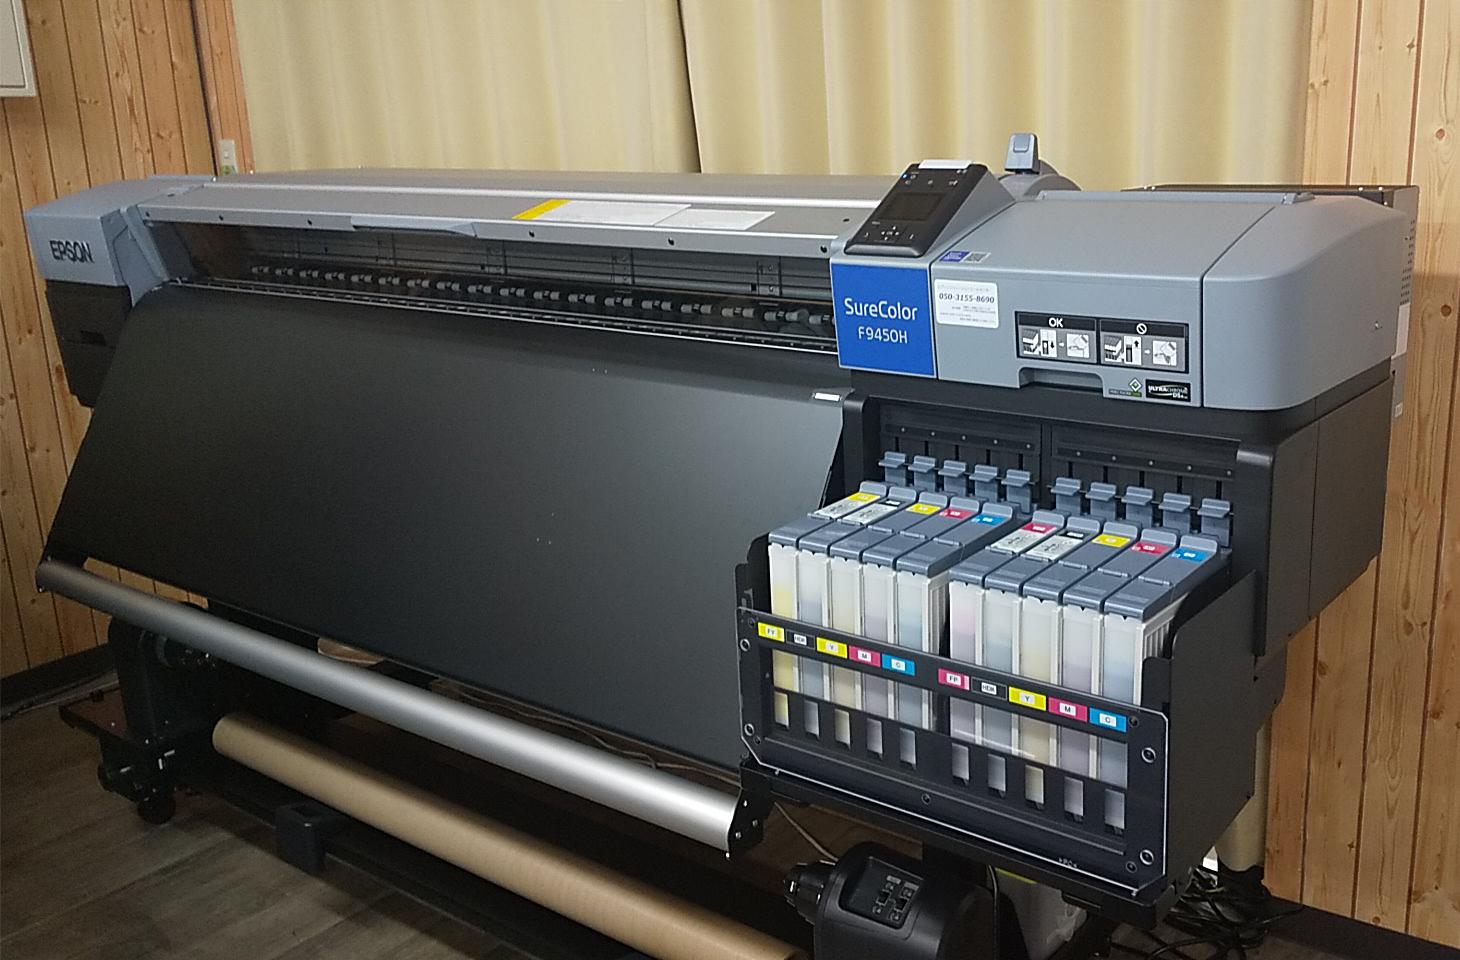 エプソンSC-F9450Hを京都ショールームに設置いたしました